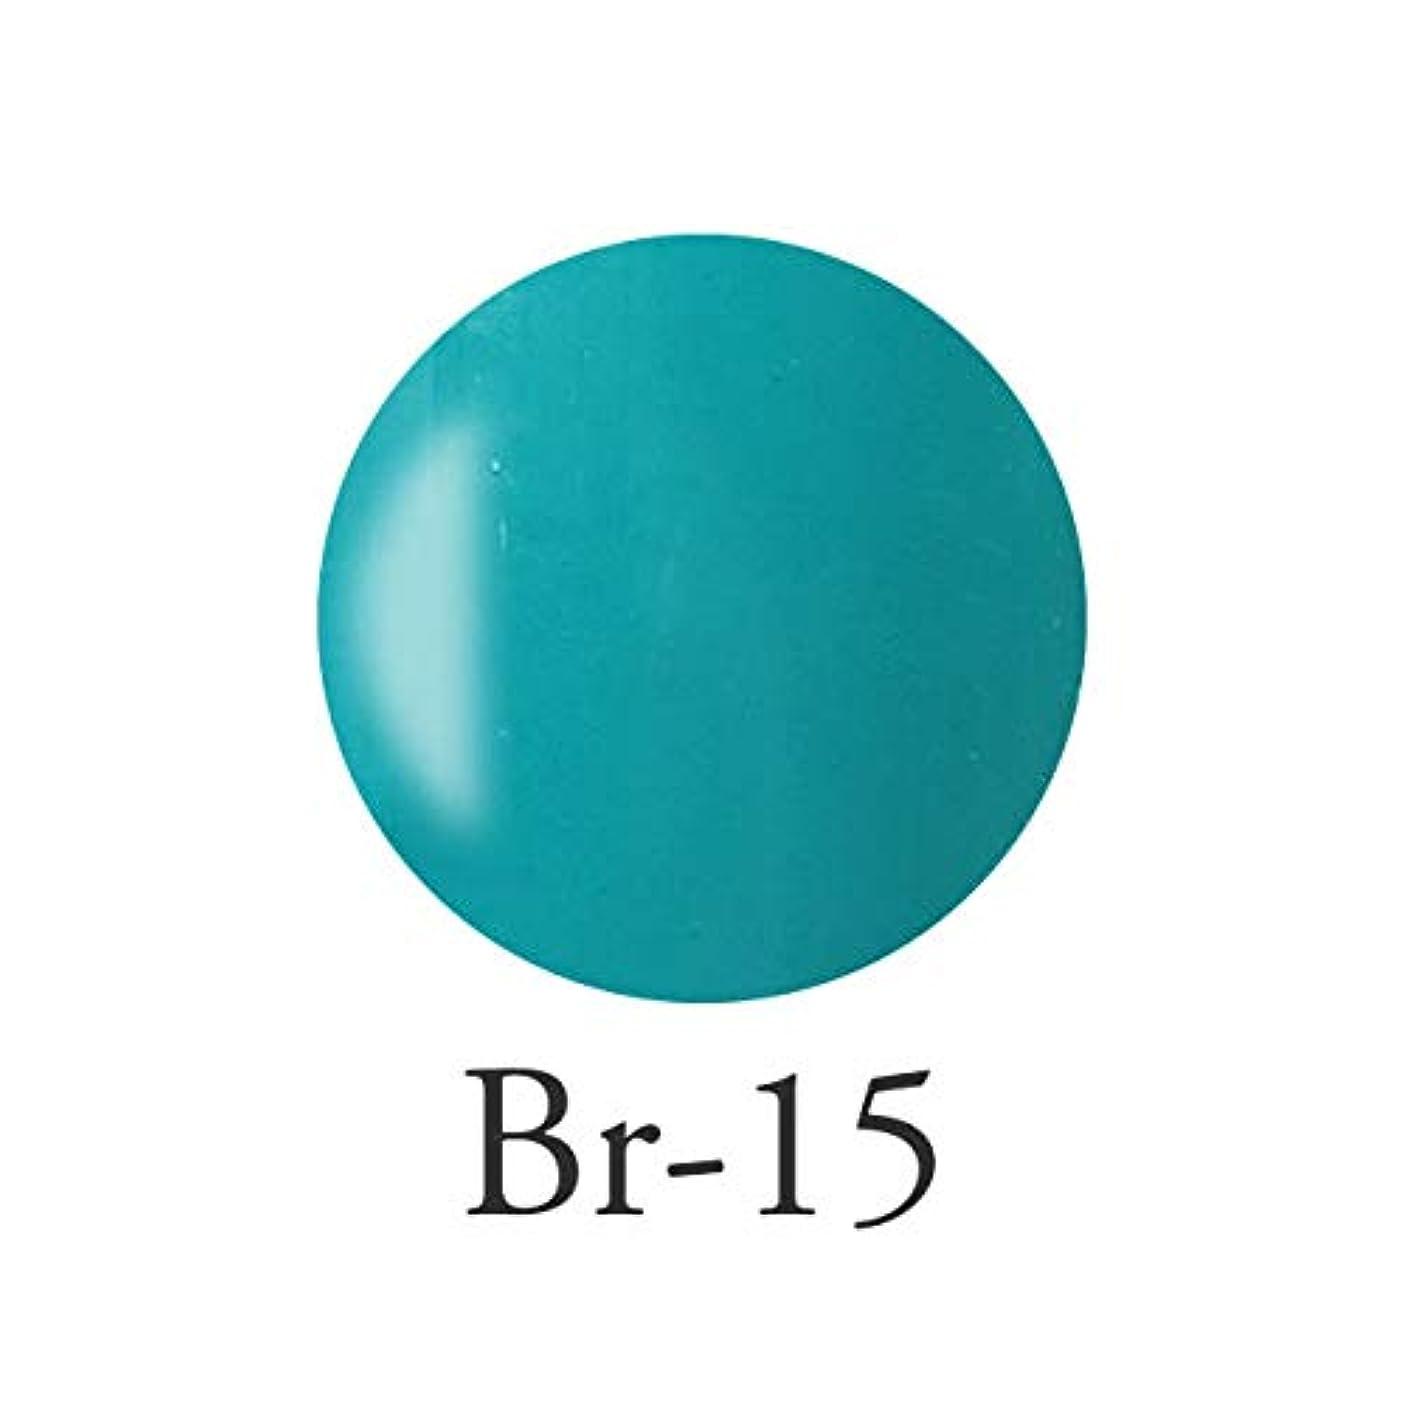 目覚める心理的に導体エンジェル クィーンカラージェル ジョエルブルー Br-15 3g